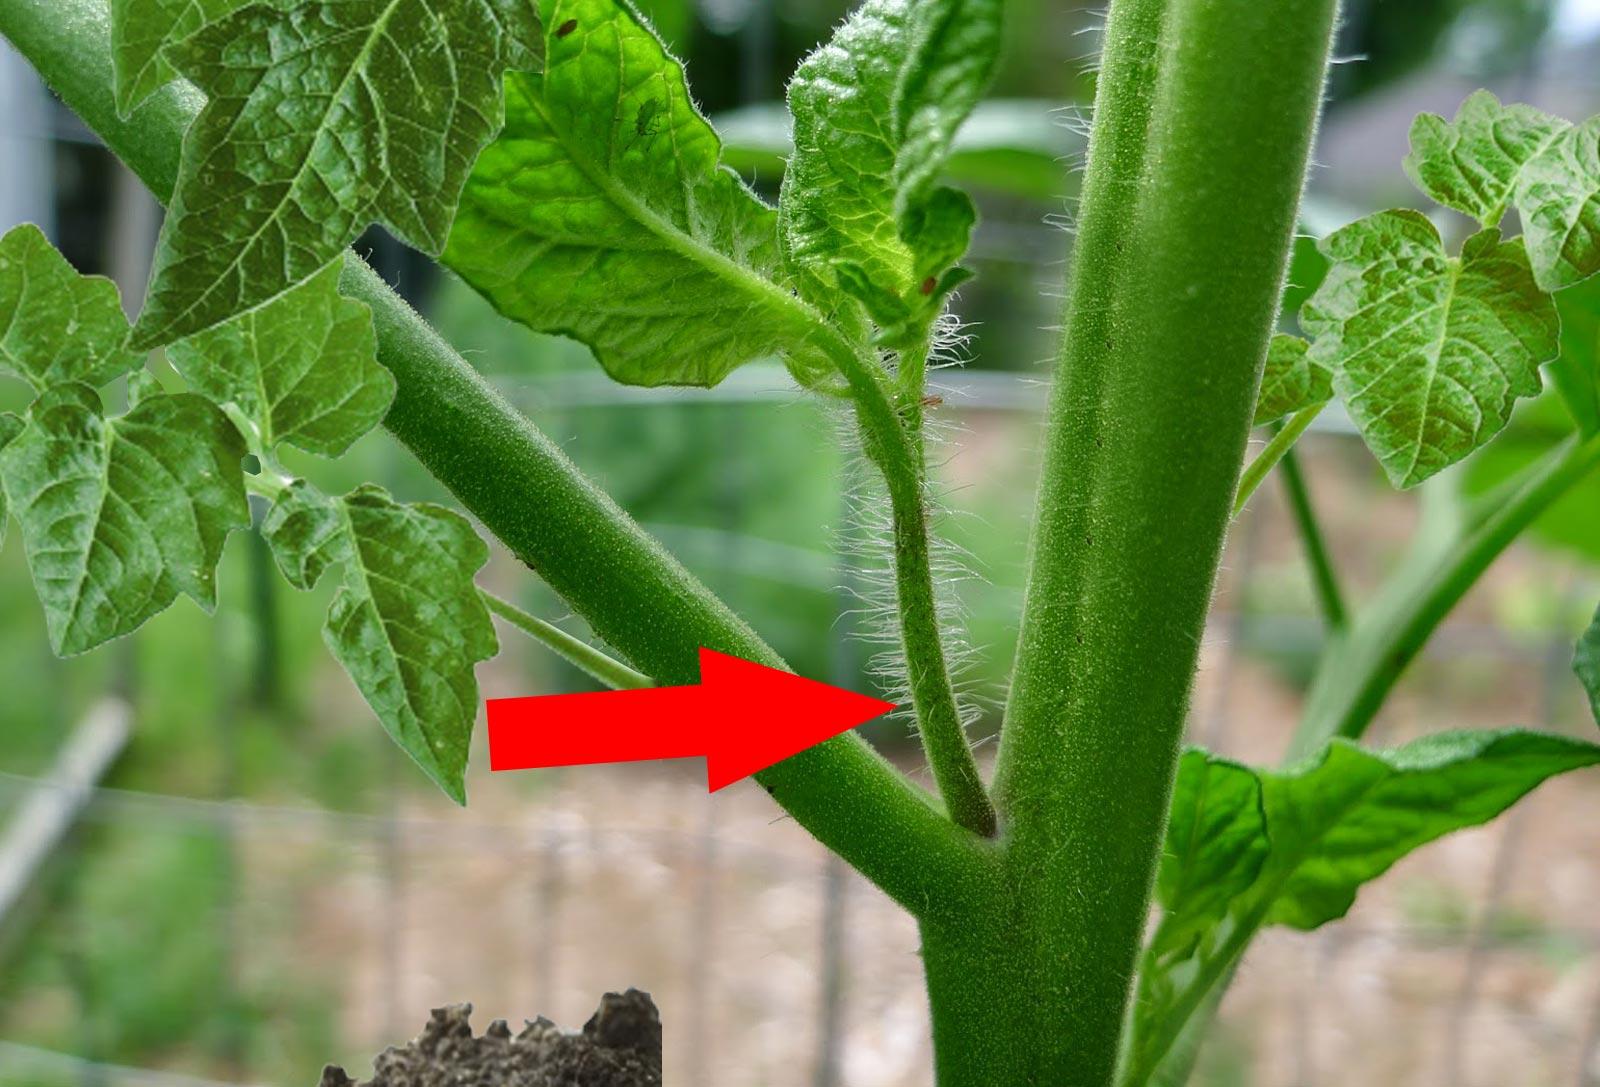 Пасынкование помидор в открытом грунте: что это такое, схема и видео как правильно пасынковать томаты